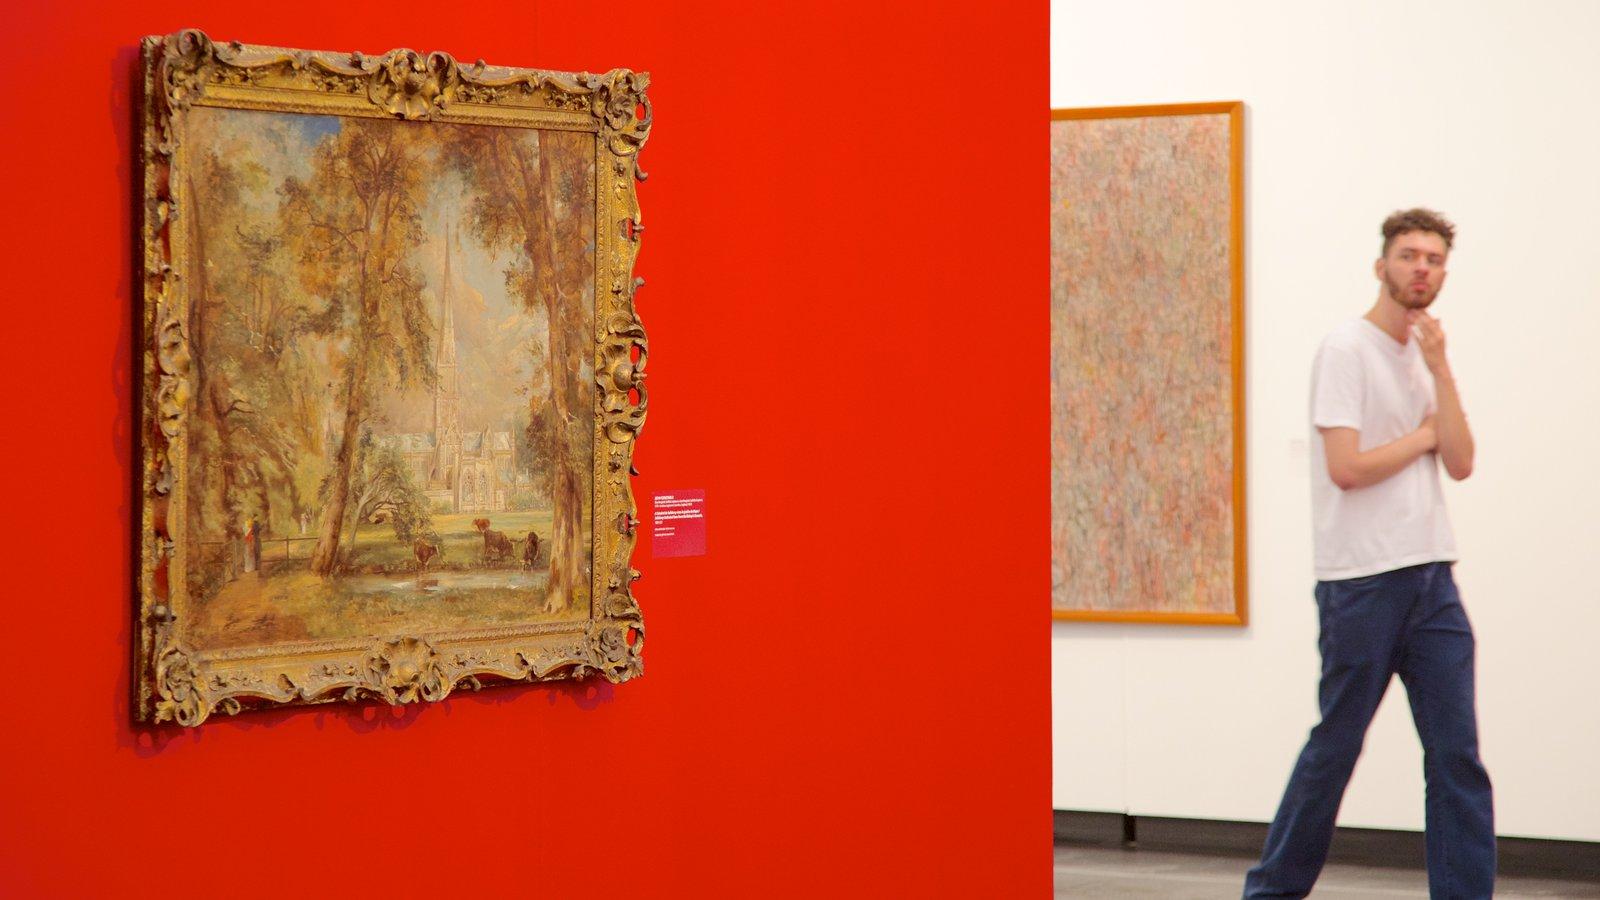 Museu de Arte Moderna mostrando arte e vistas internas assim como um homem sozinho